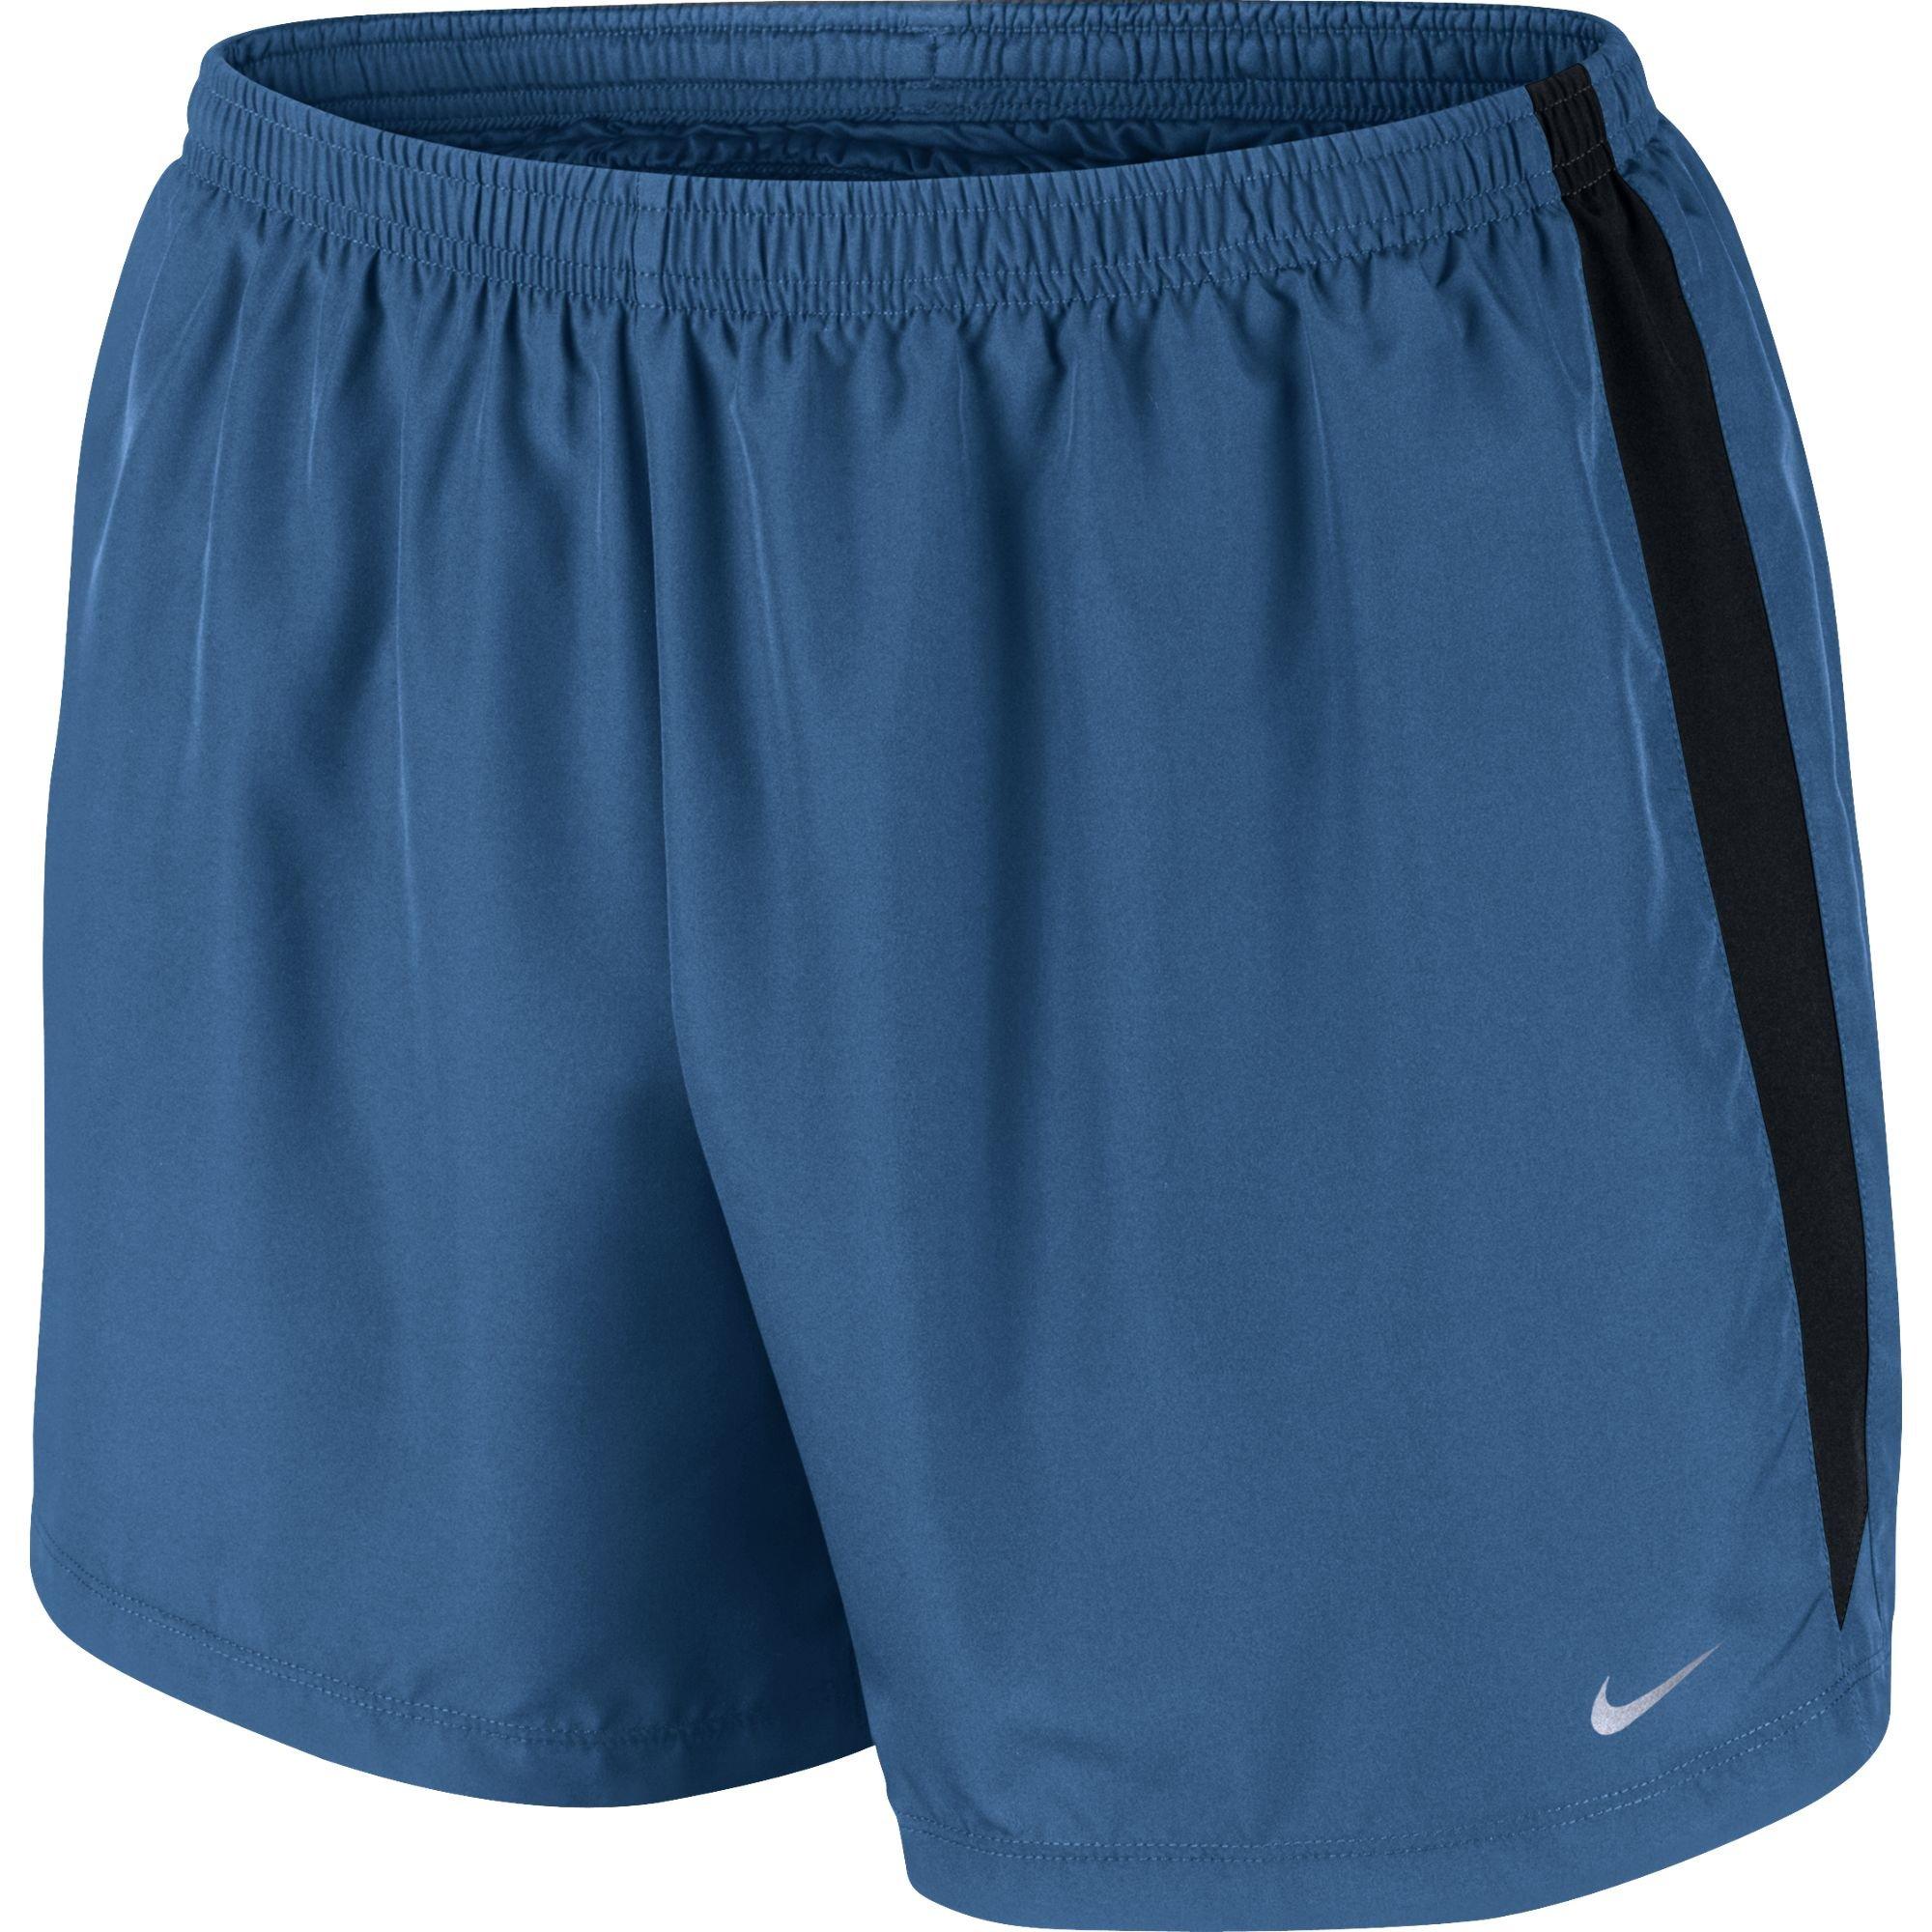 Nike Short 4 Woven M v�tement running homme